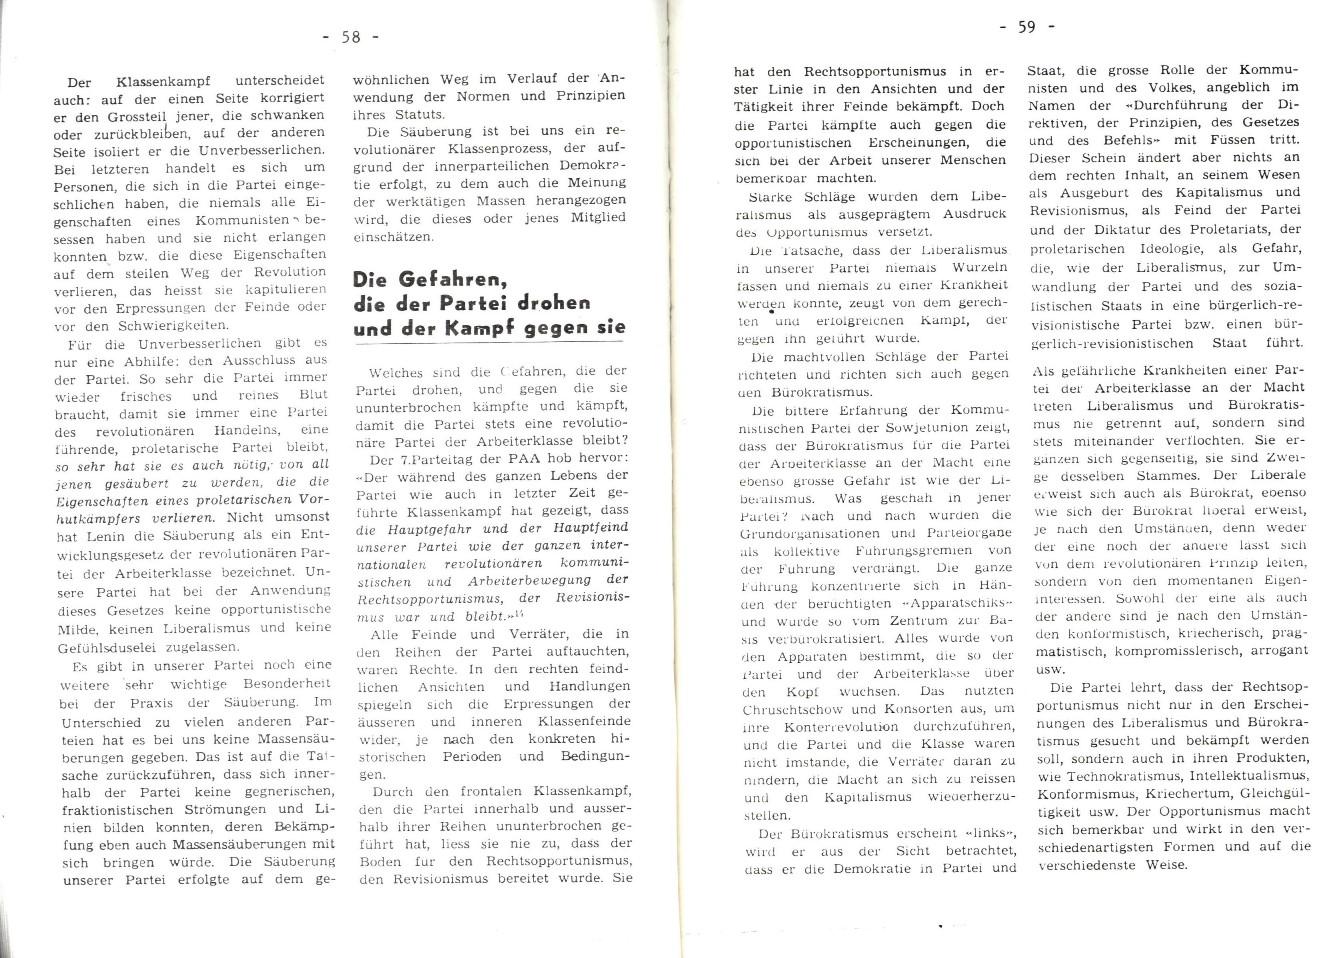 MLSK_Theorie_und_Praxis_des_ML_1979_25_30